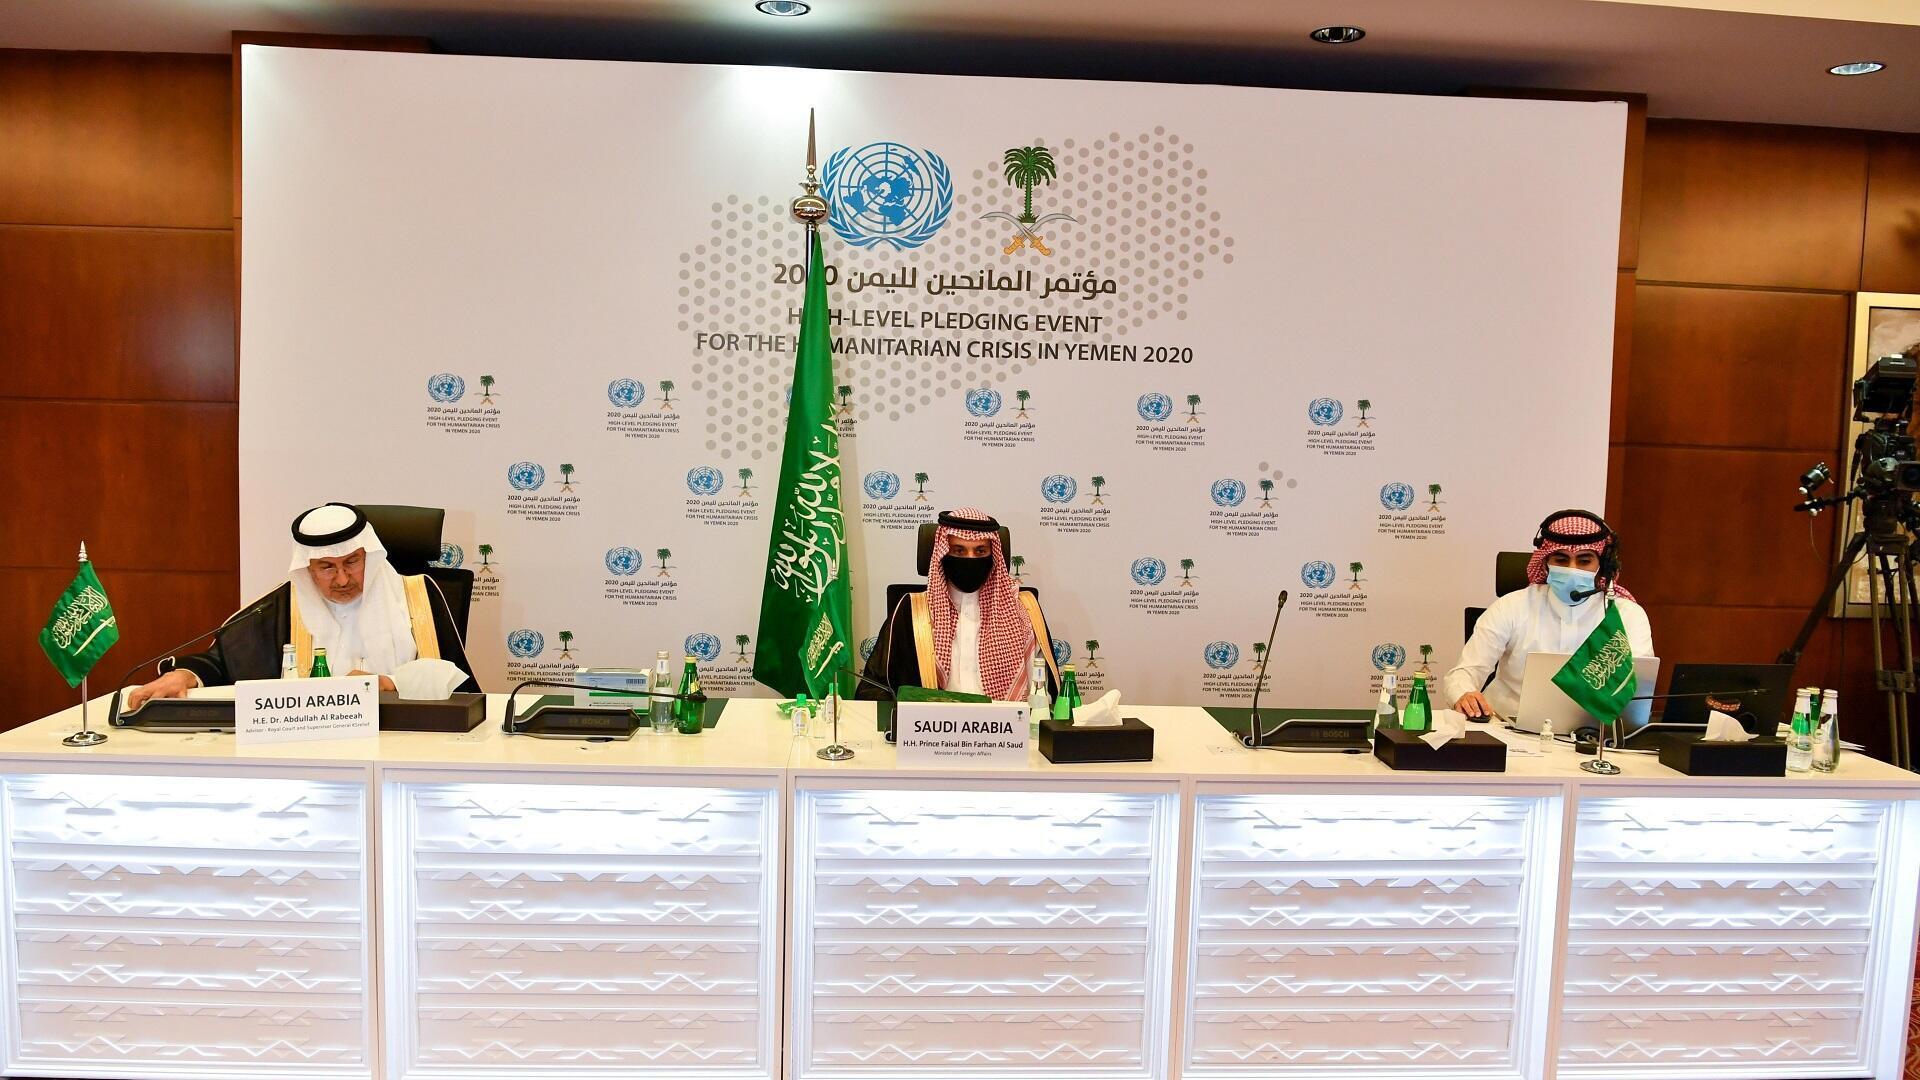 وزير الخارجية السعودي فيصل بن فرحان آل سعود في الرياض خلال مؤتمر افتراضي لدعم اليمن، 2 يونيو/حزيران 2020.